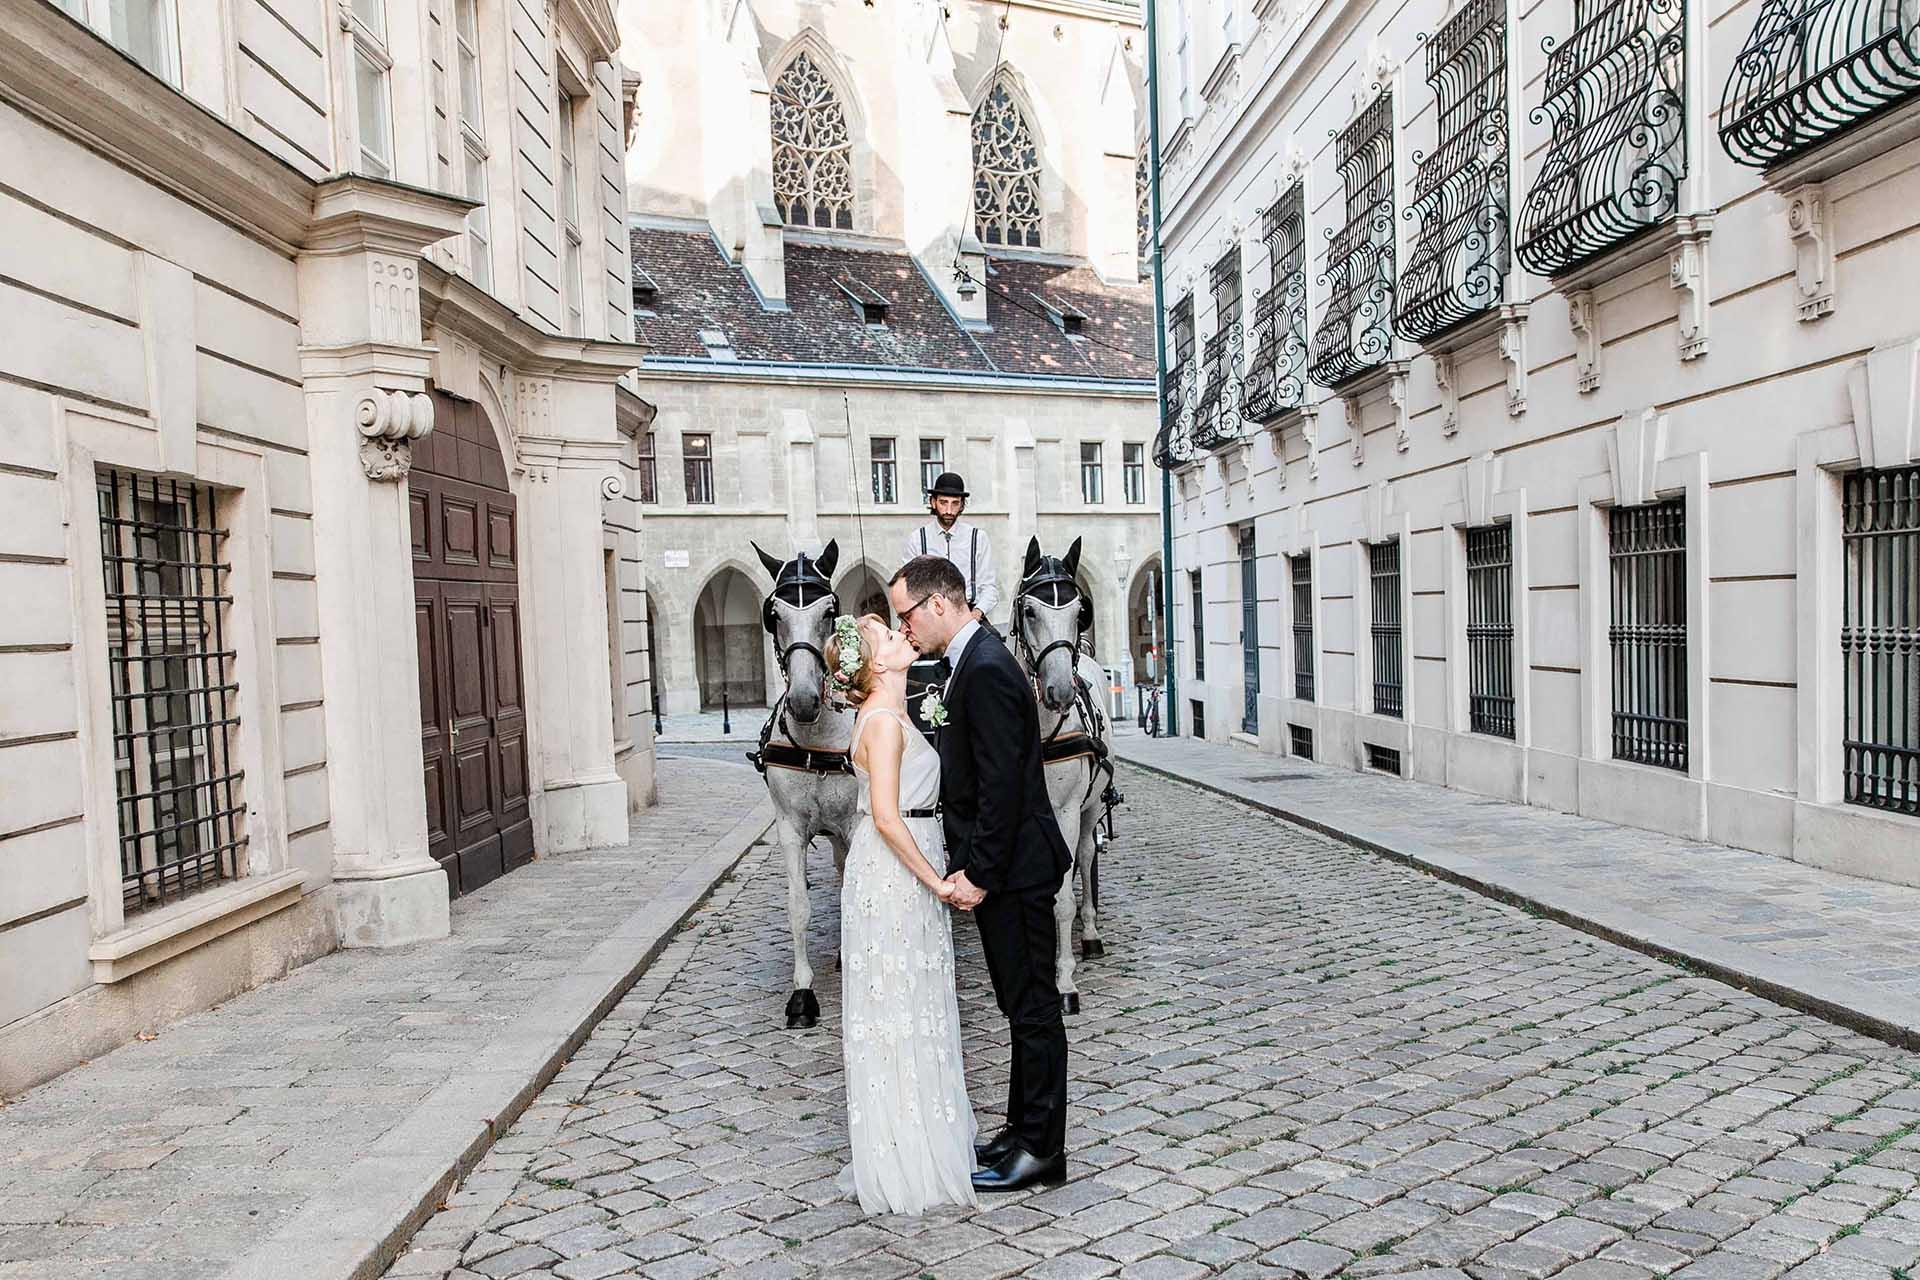 Denise Kerstin Hochzeitsfotograf Wien Hochzeit in Wien Palais Coburg heiraten Fine-Art Fotos Fiakerfahrt Wien Tiffany Verlobungsring Hochzeit Palais Coburg Hochzeitsfotos Fiaker fahren